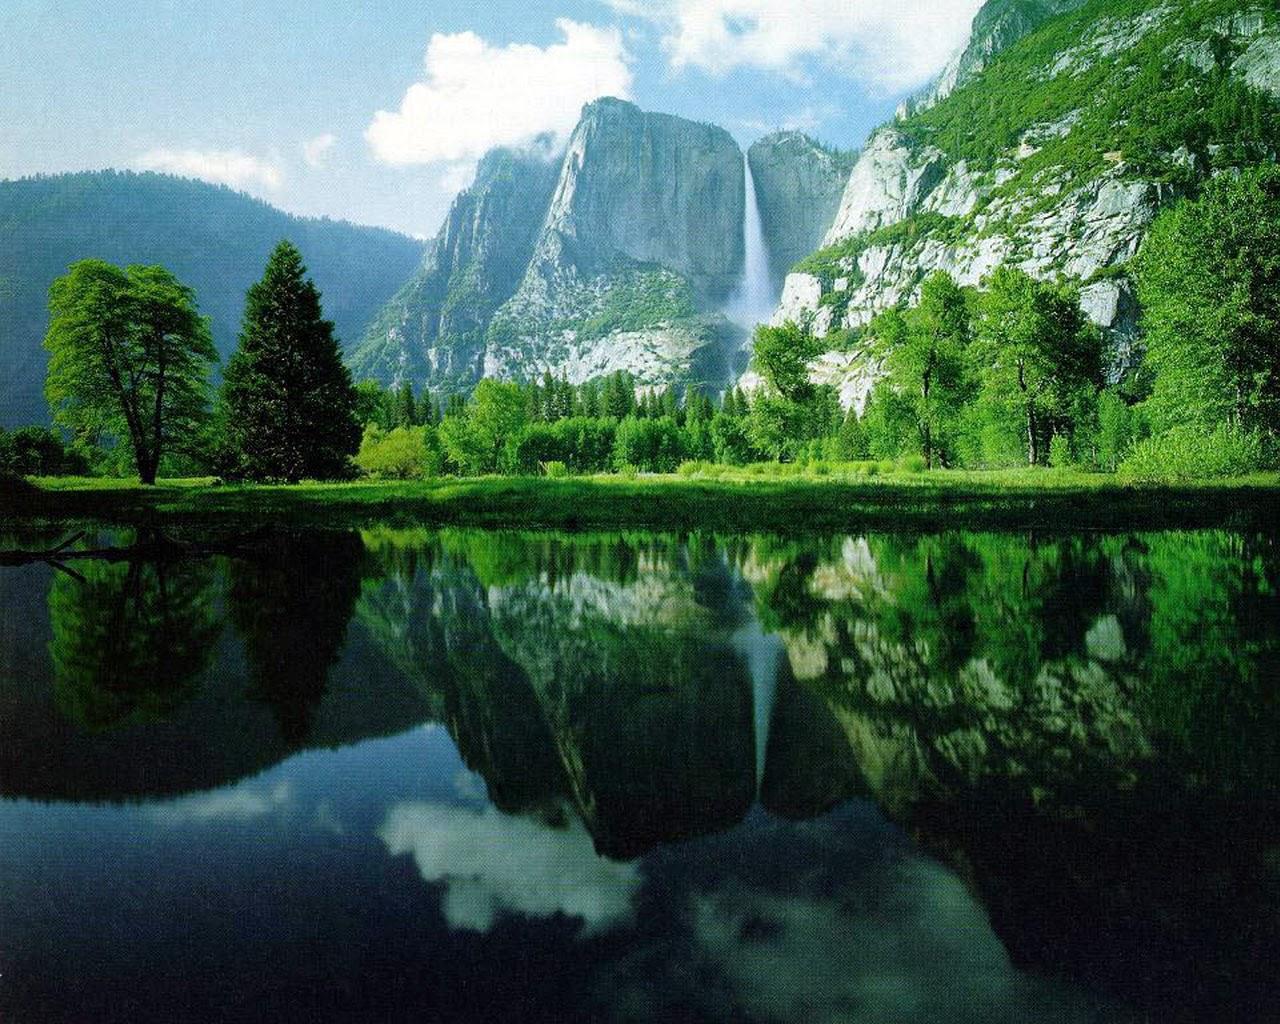 http://1.bp.blogspot.com/-YMC7GnEUNXM/TWLmxqNm6VI/AAAAAAAAABc/qqK6doO-go8/s1600/lago.bmp